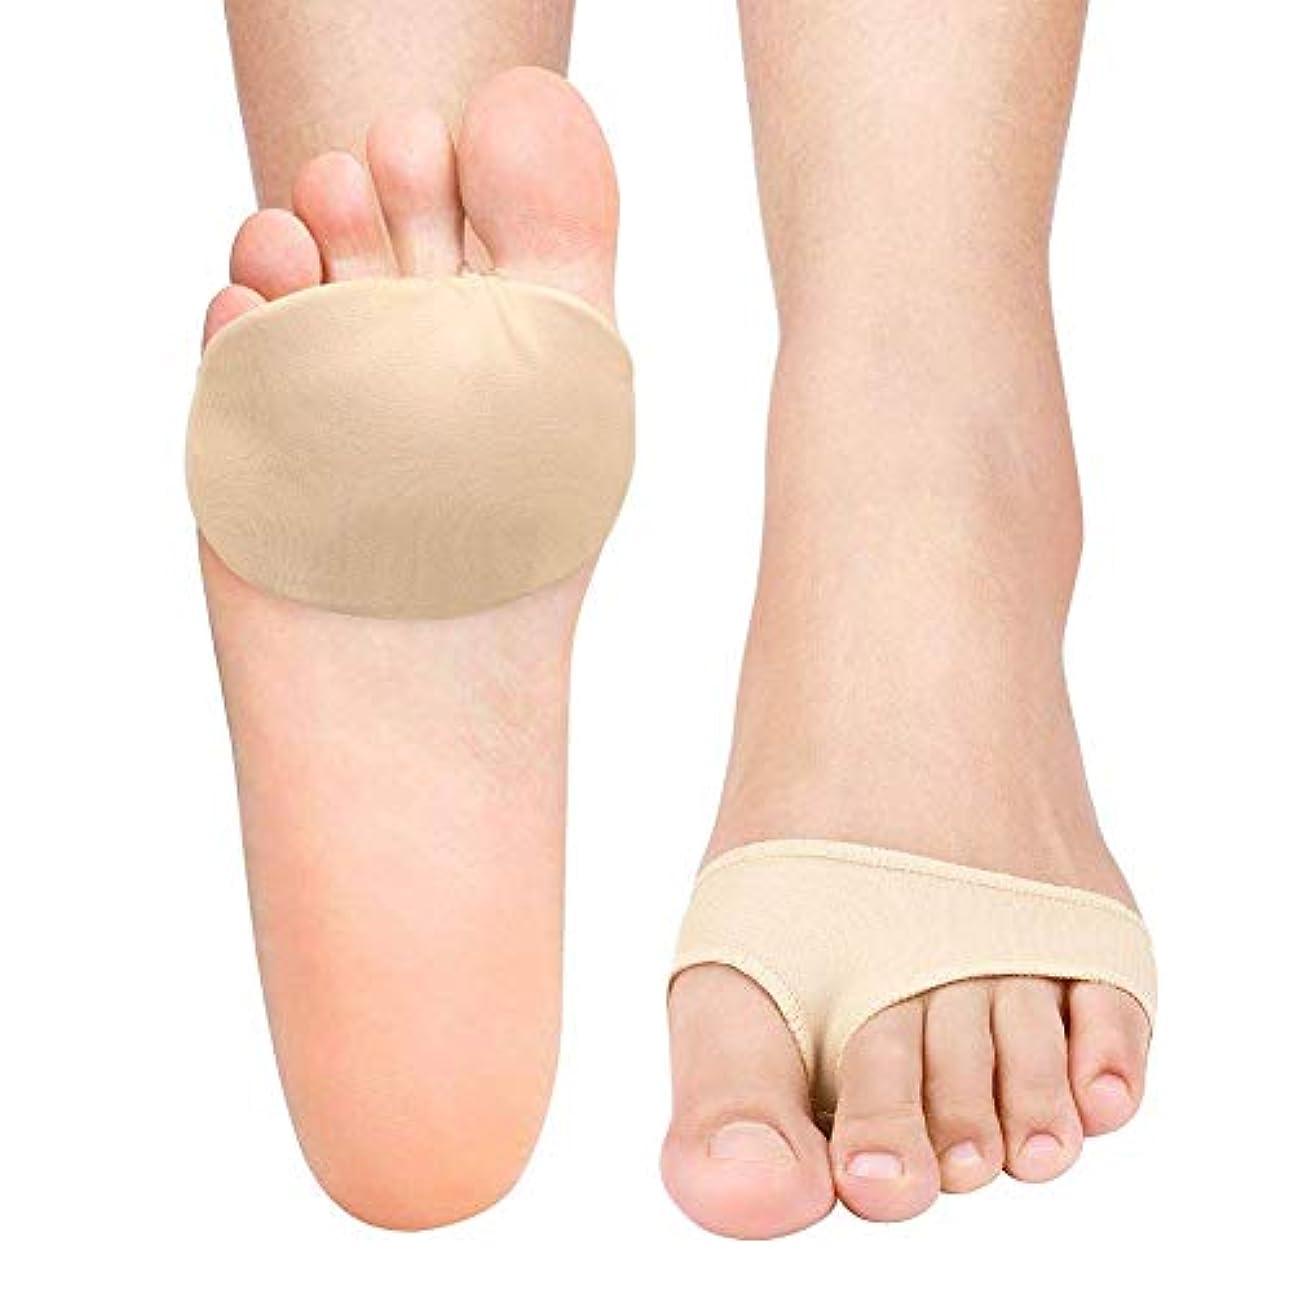 ベットおもてなし執着Yosoo 足裏保護パッド 足裏 保護 サポーター 前ズレ防止 つま先の痛み緩和 柔らかい つま先ジェルクッション シリコン フリーサイズ 2個入り